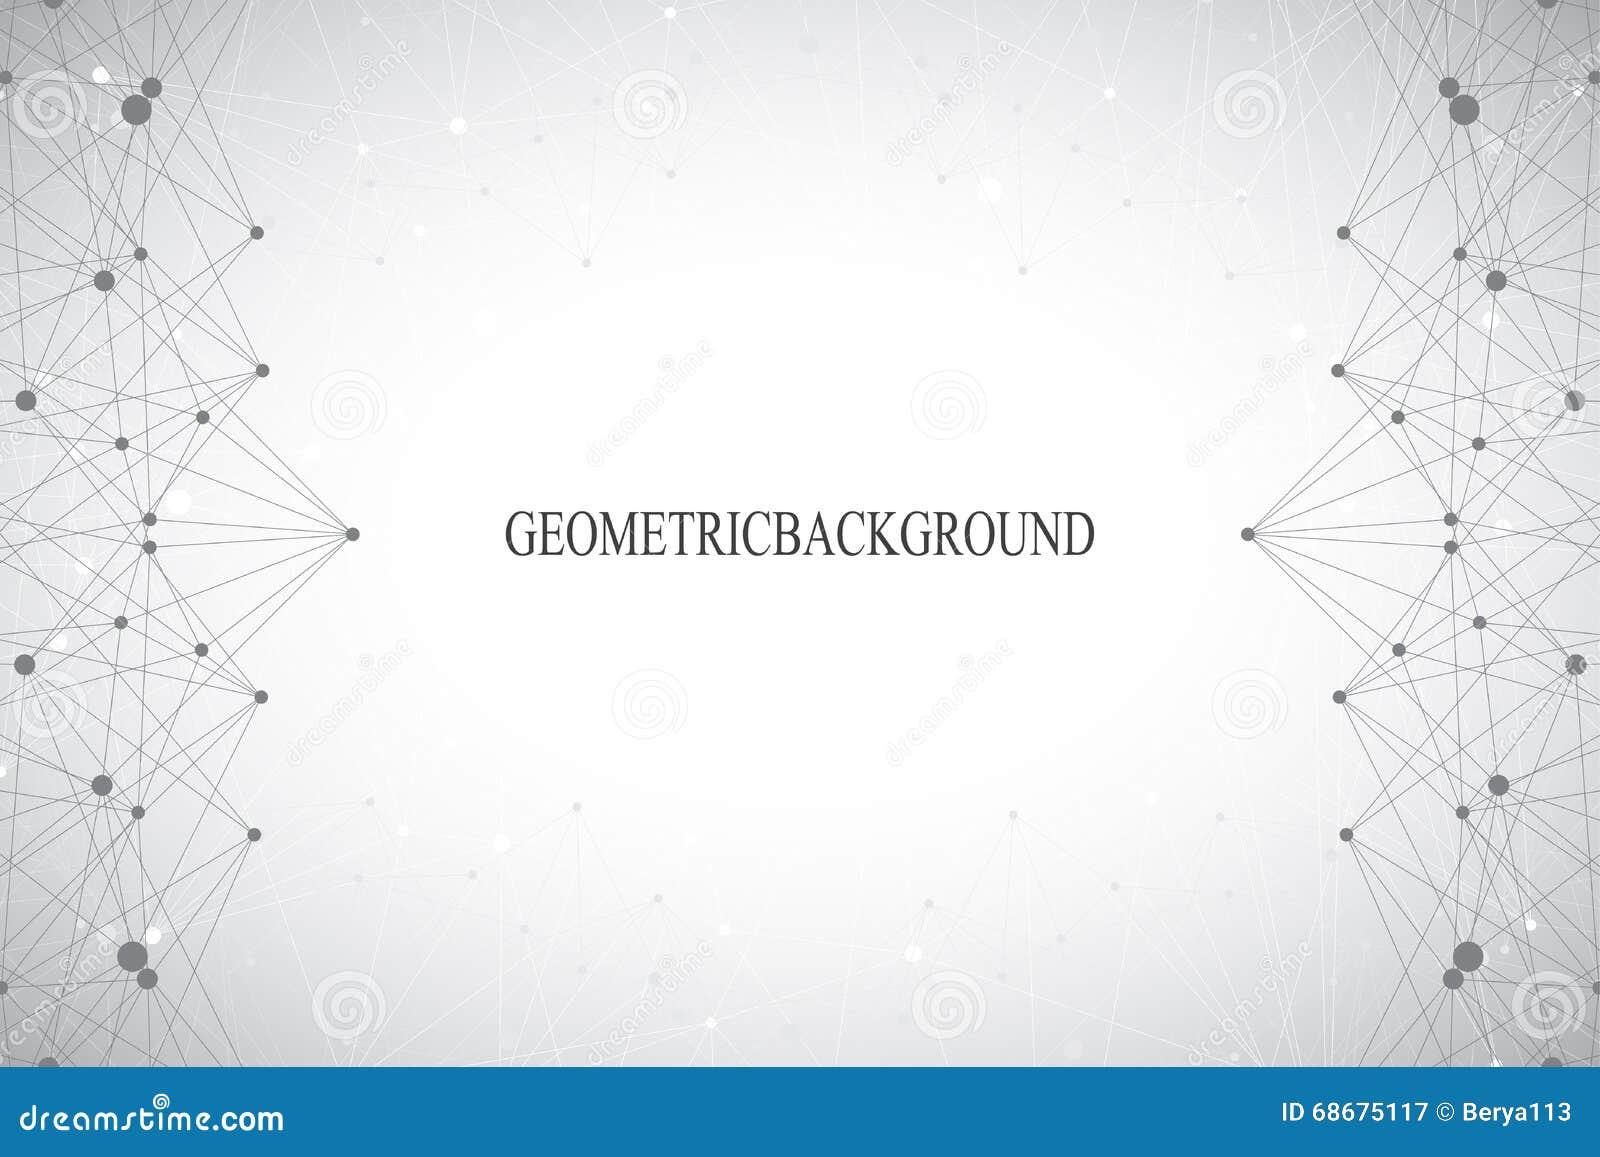 Geometrische abstracte grijze achtergrond met verbonden lijnen en punten Geneeskunde, wetenschap, technologieachtergrond voor uw